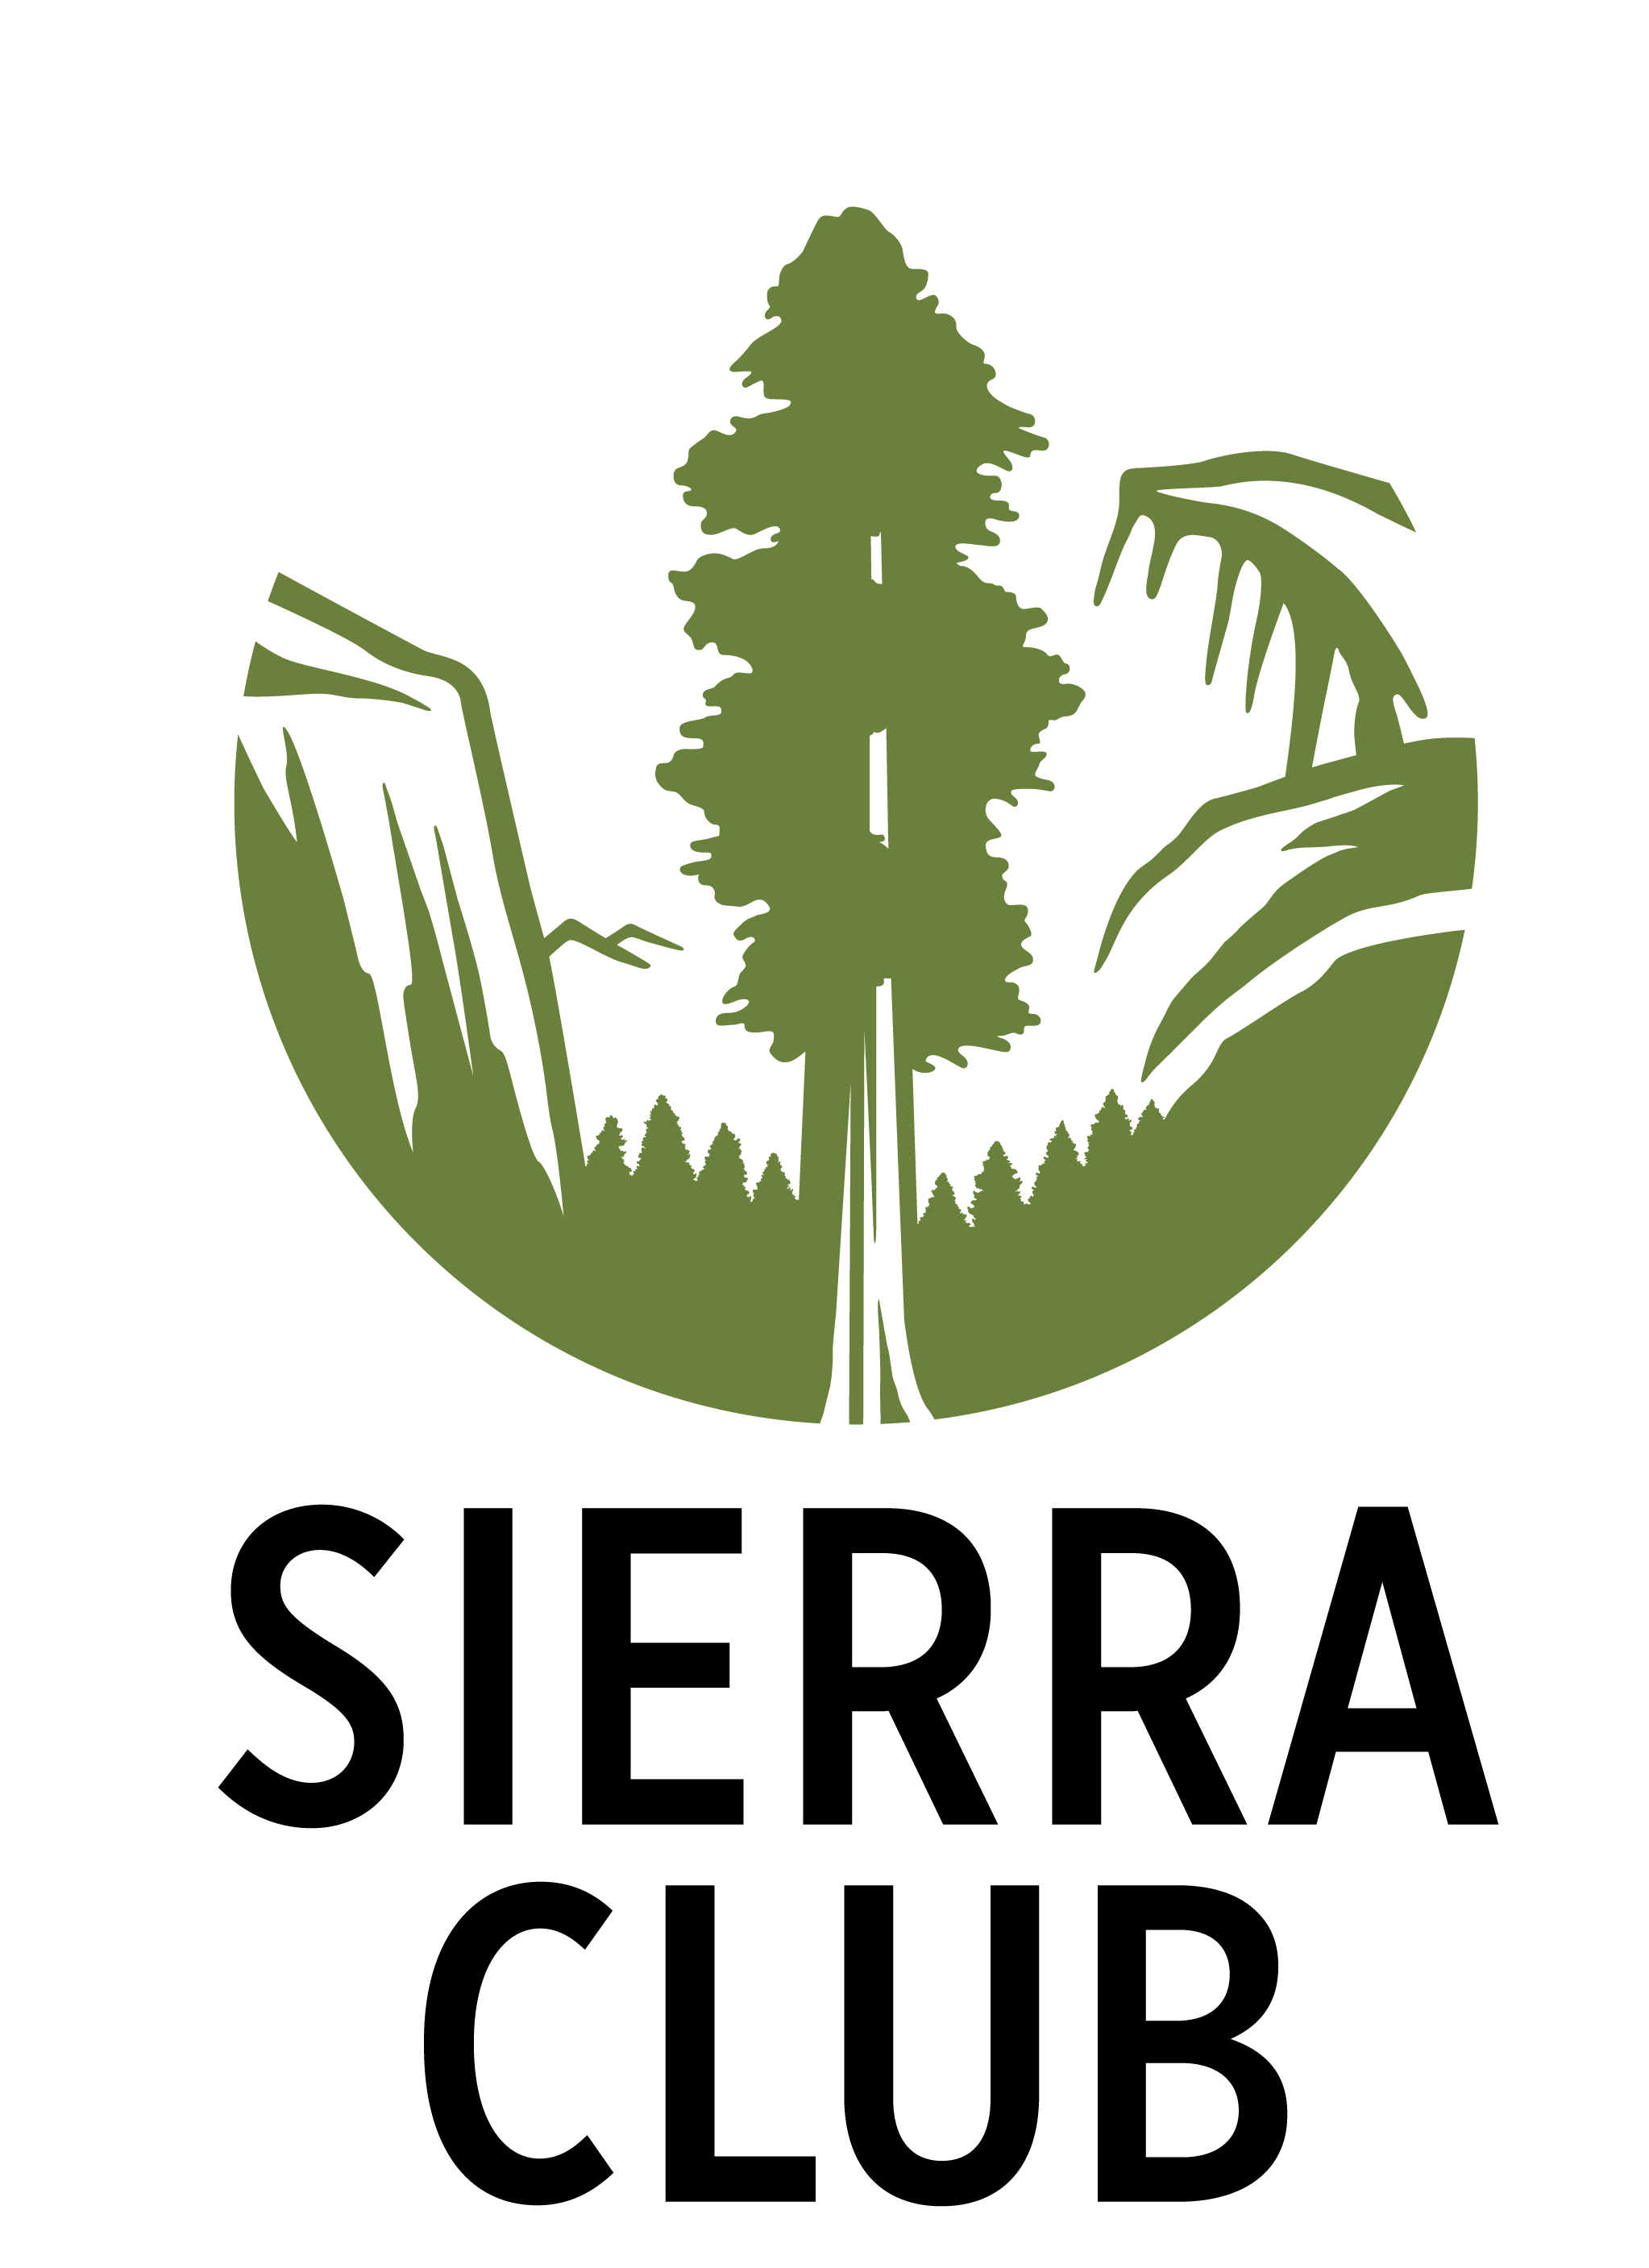 sierra club logo.png